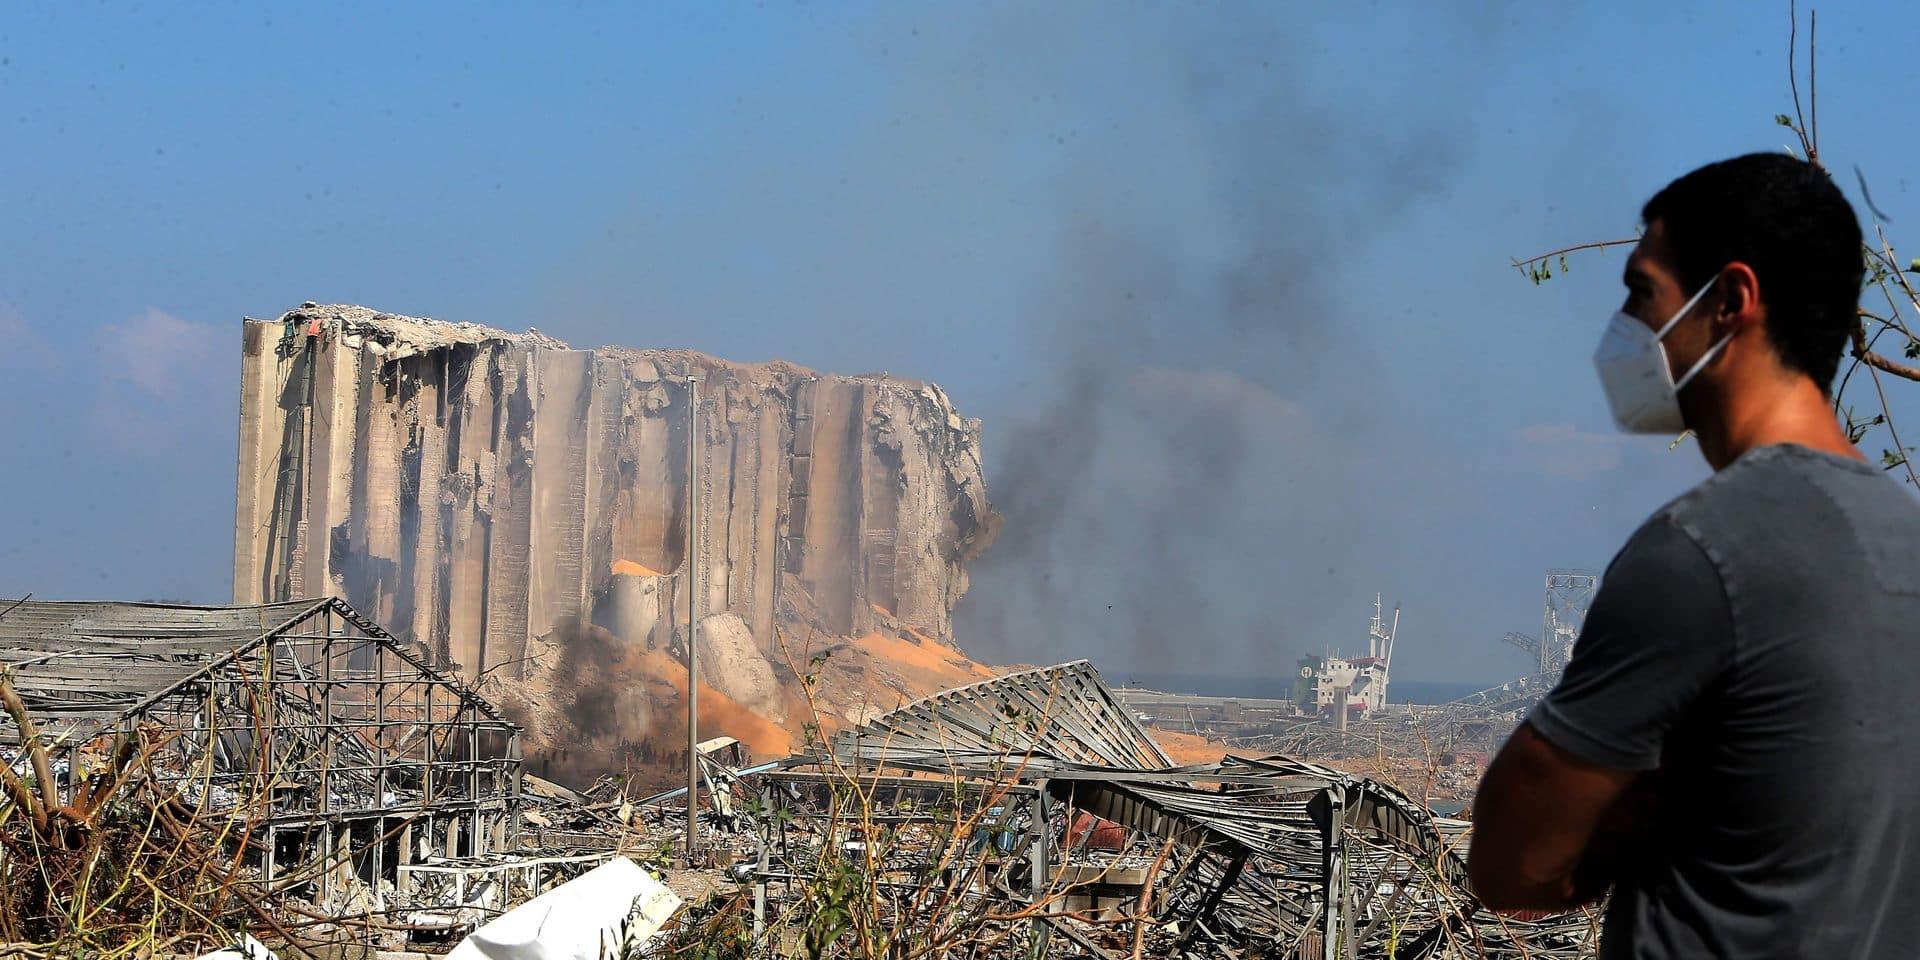 Deux semaines après l'explosion, une forte hausse des cas de Covid-19 force le Liban à reconfiner sa population